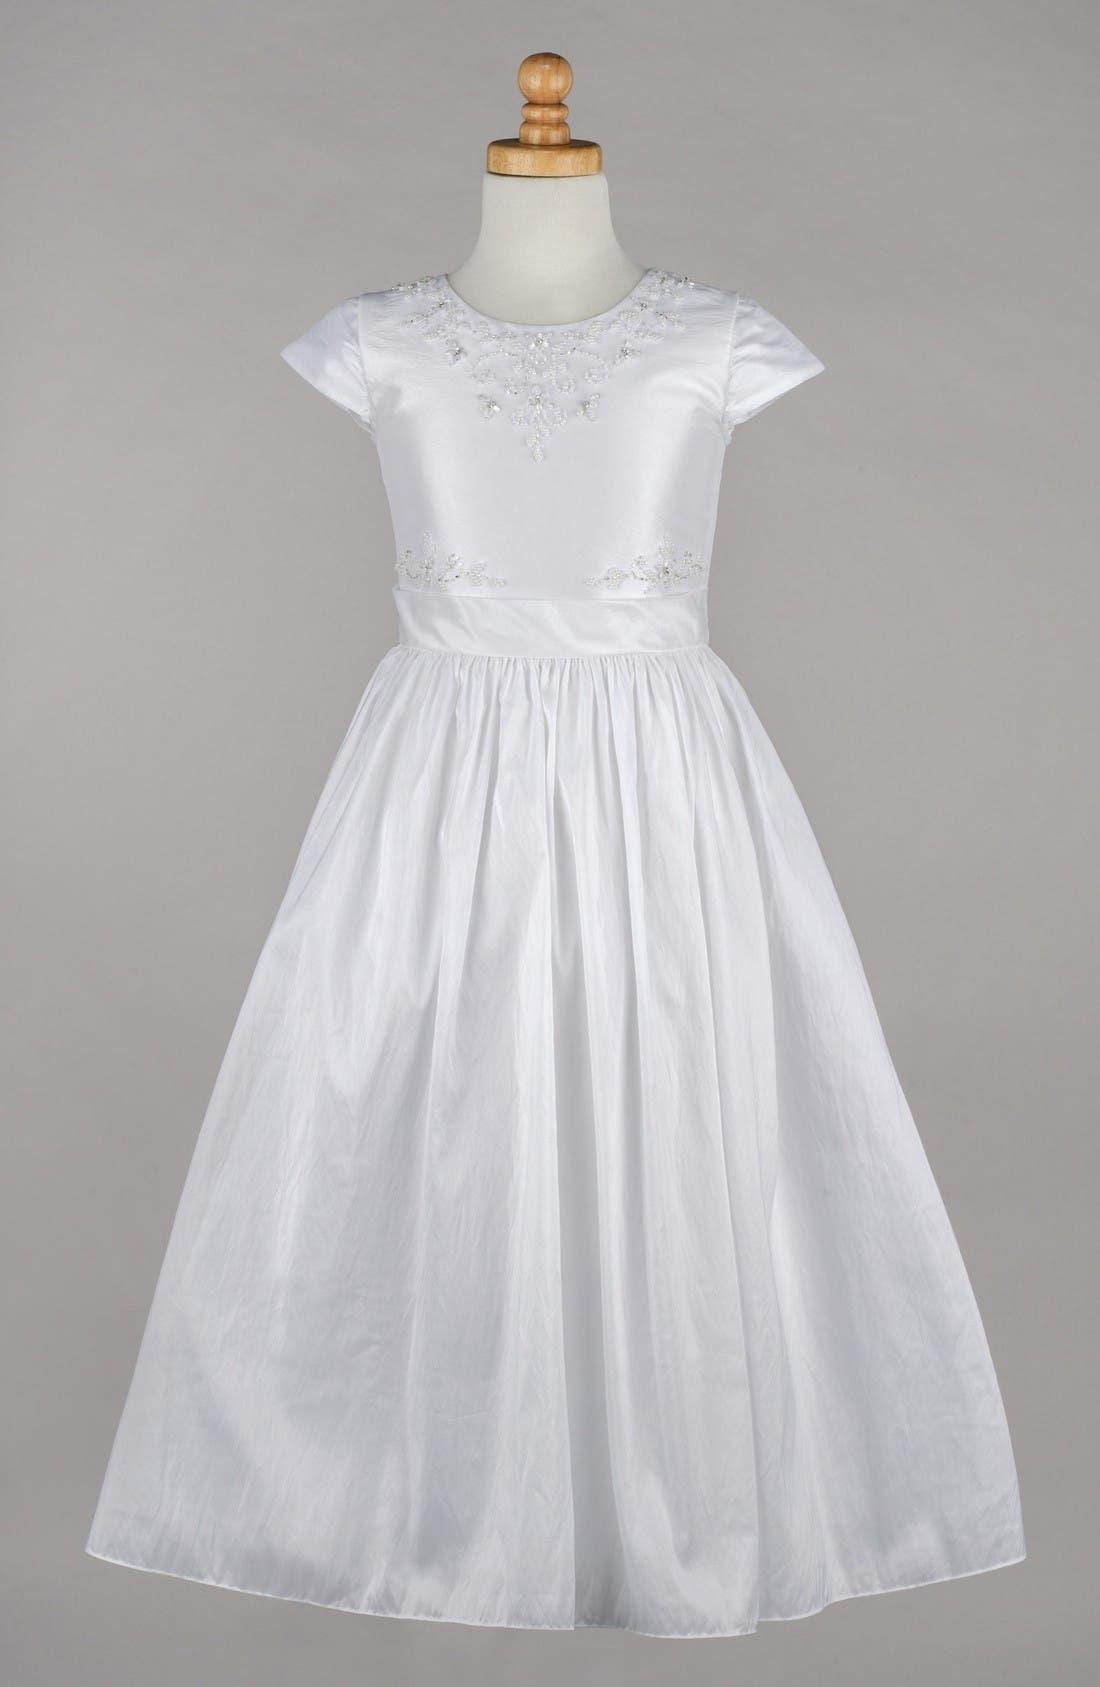 Lauren Marie Beaded Taffeta First Communion Dress (Little Girls & Big Girls)